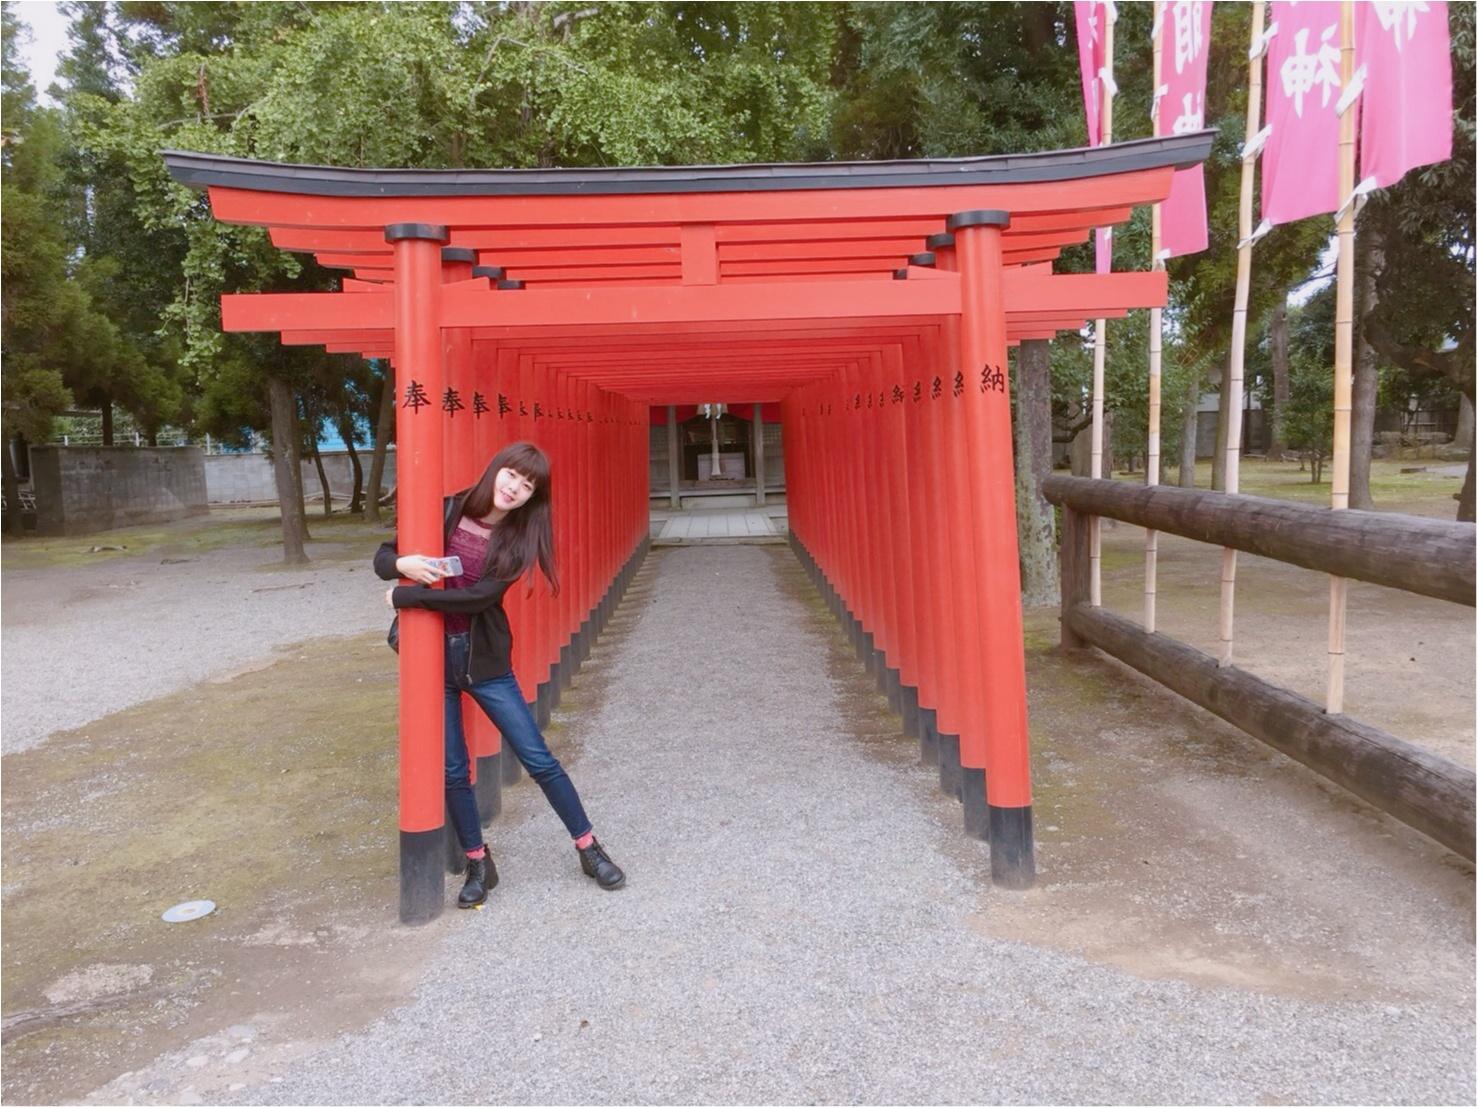 【動画で紹介!】熊本市内に発見! SNS映えする美しい庭園「水前寺成趣園」でリフレッシュ!【#モアチャレ 熊本の魅力発信!】_3